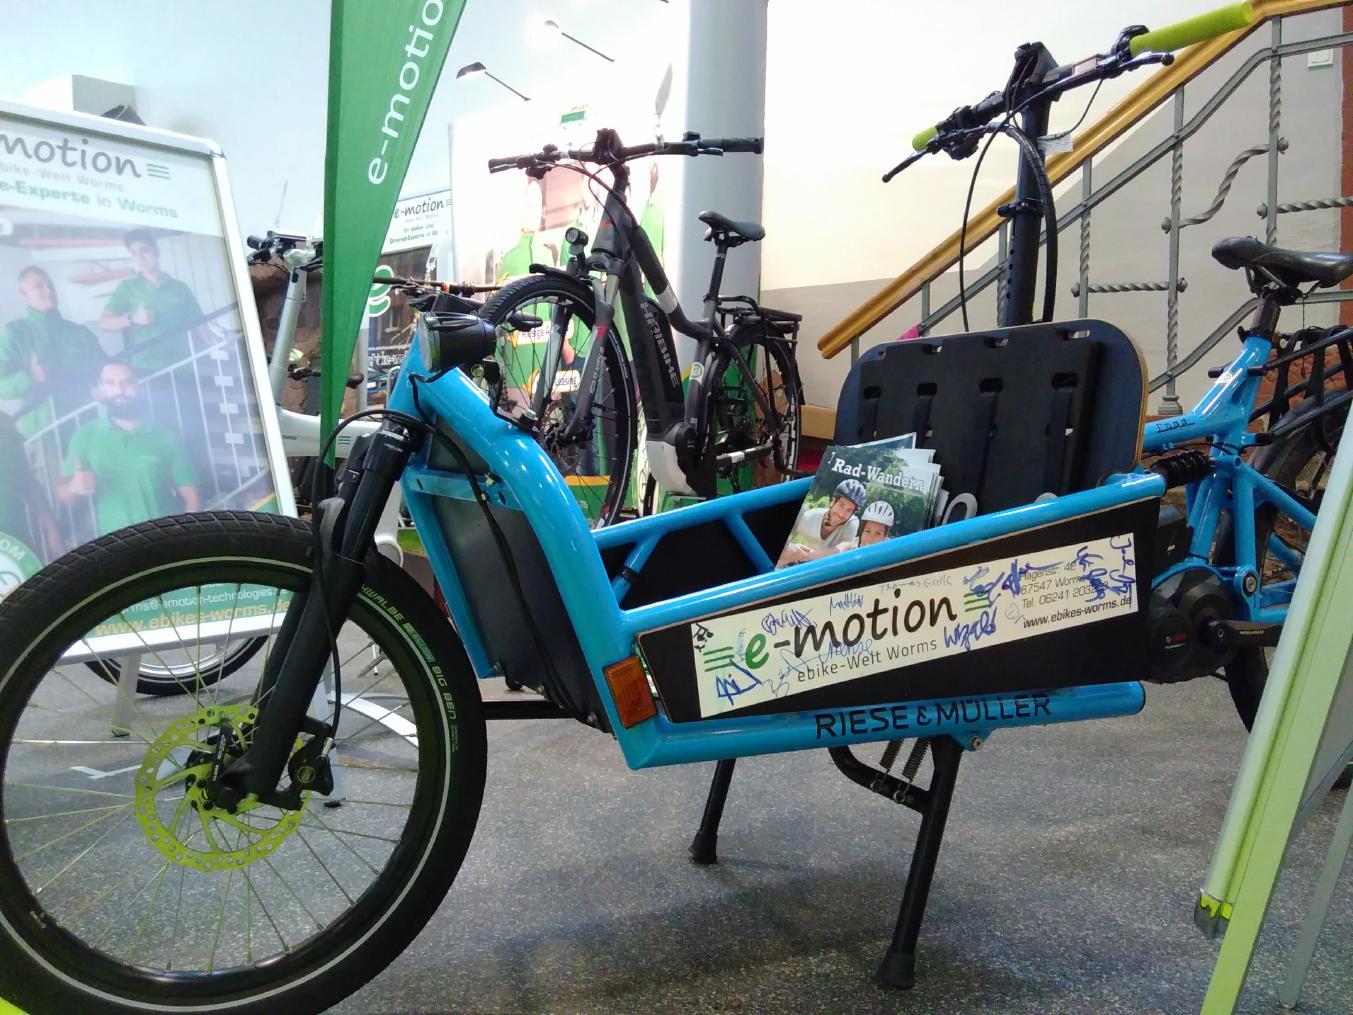 Riese und Müller Cargo und Lasten e-Bikes in der e-motion e-Bike Welt Worms